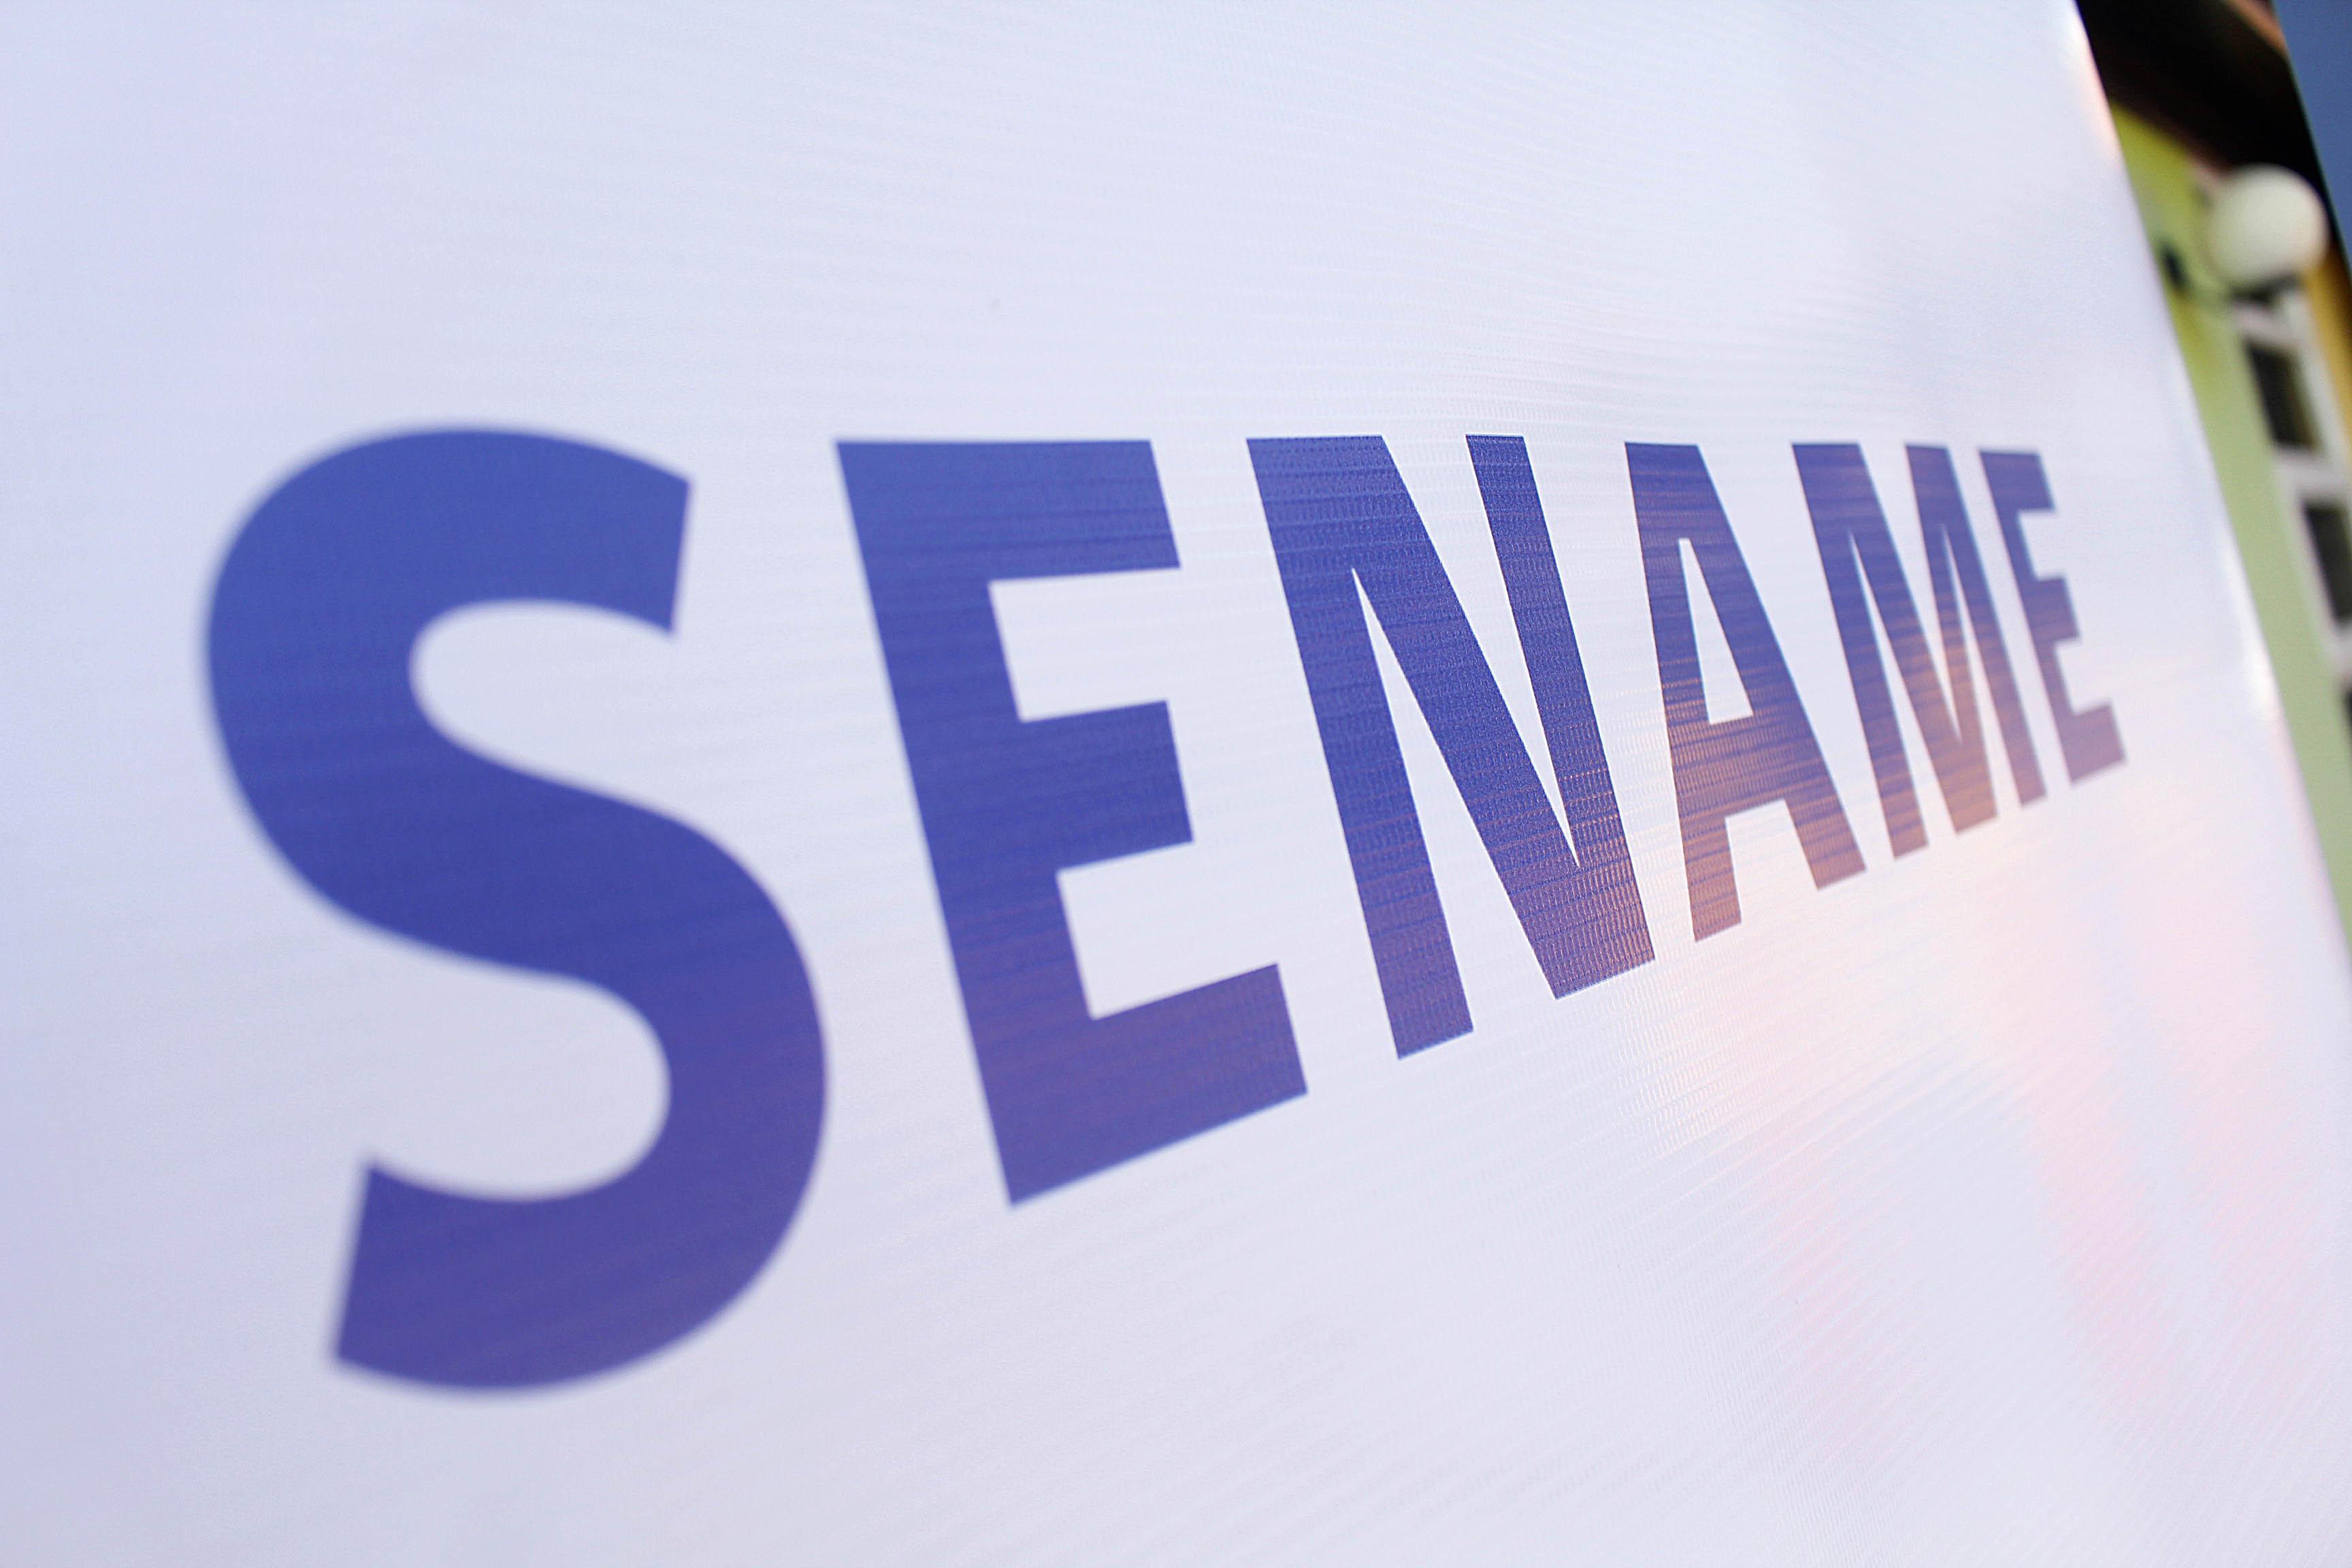 Caso Sename: más de cien casos de maltrato aún no han sido resueltos en cinco años